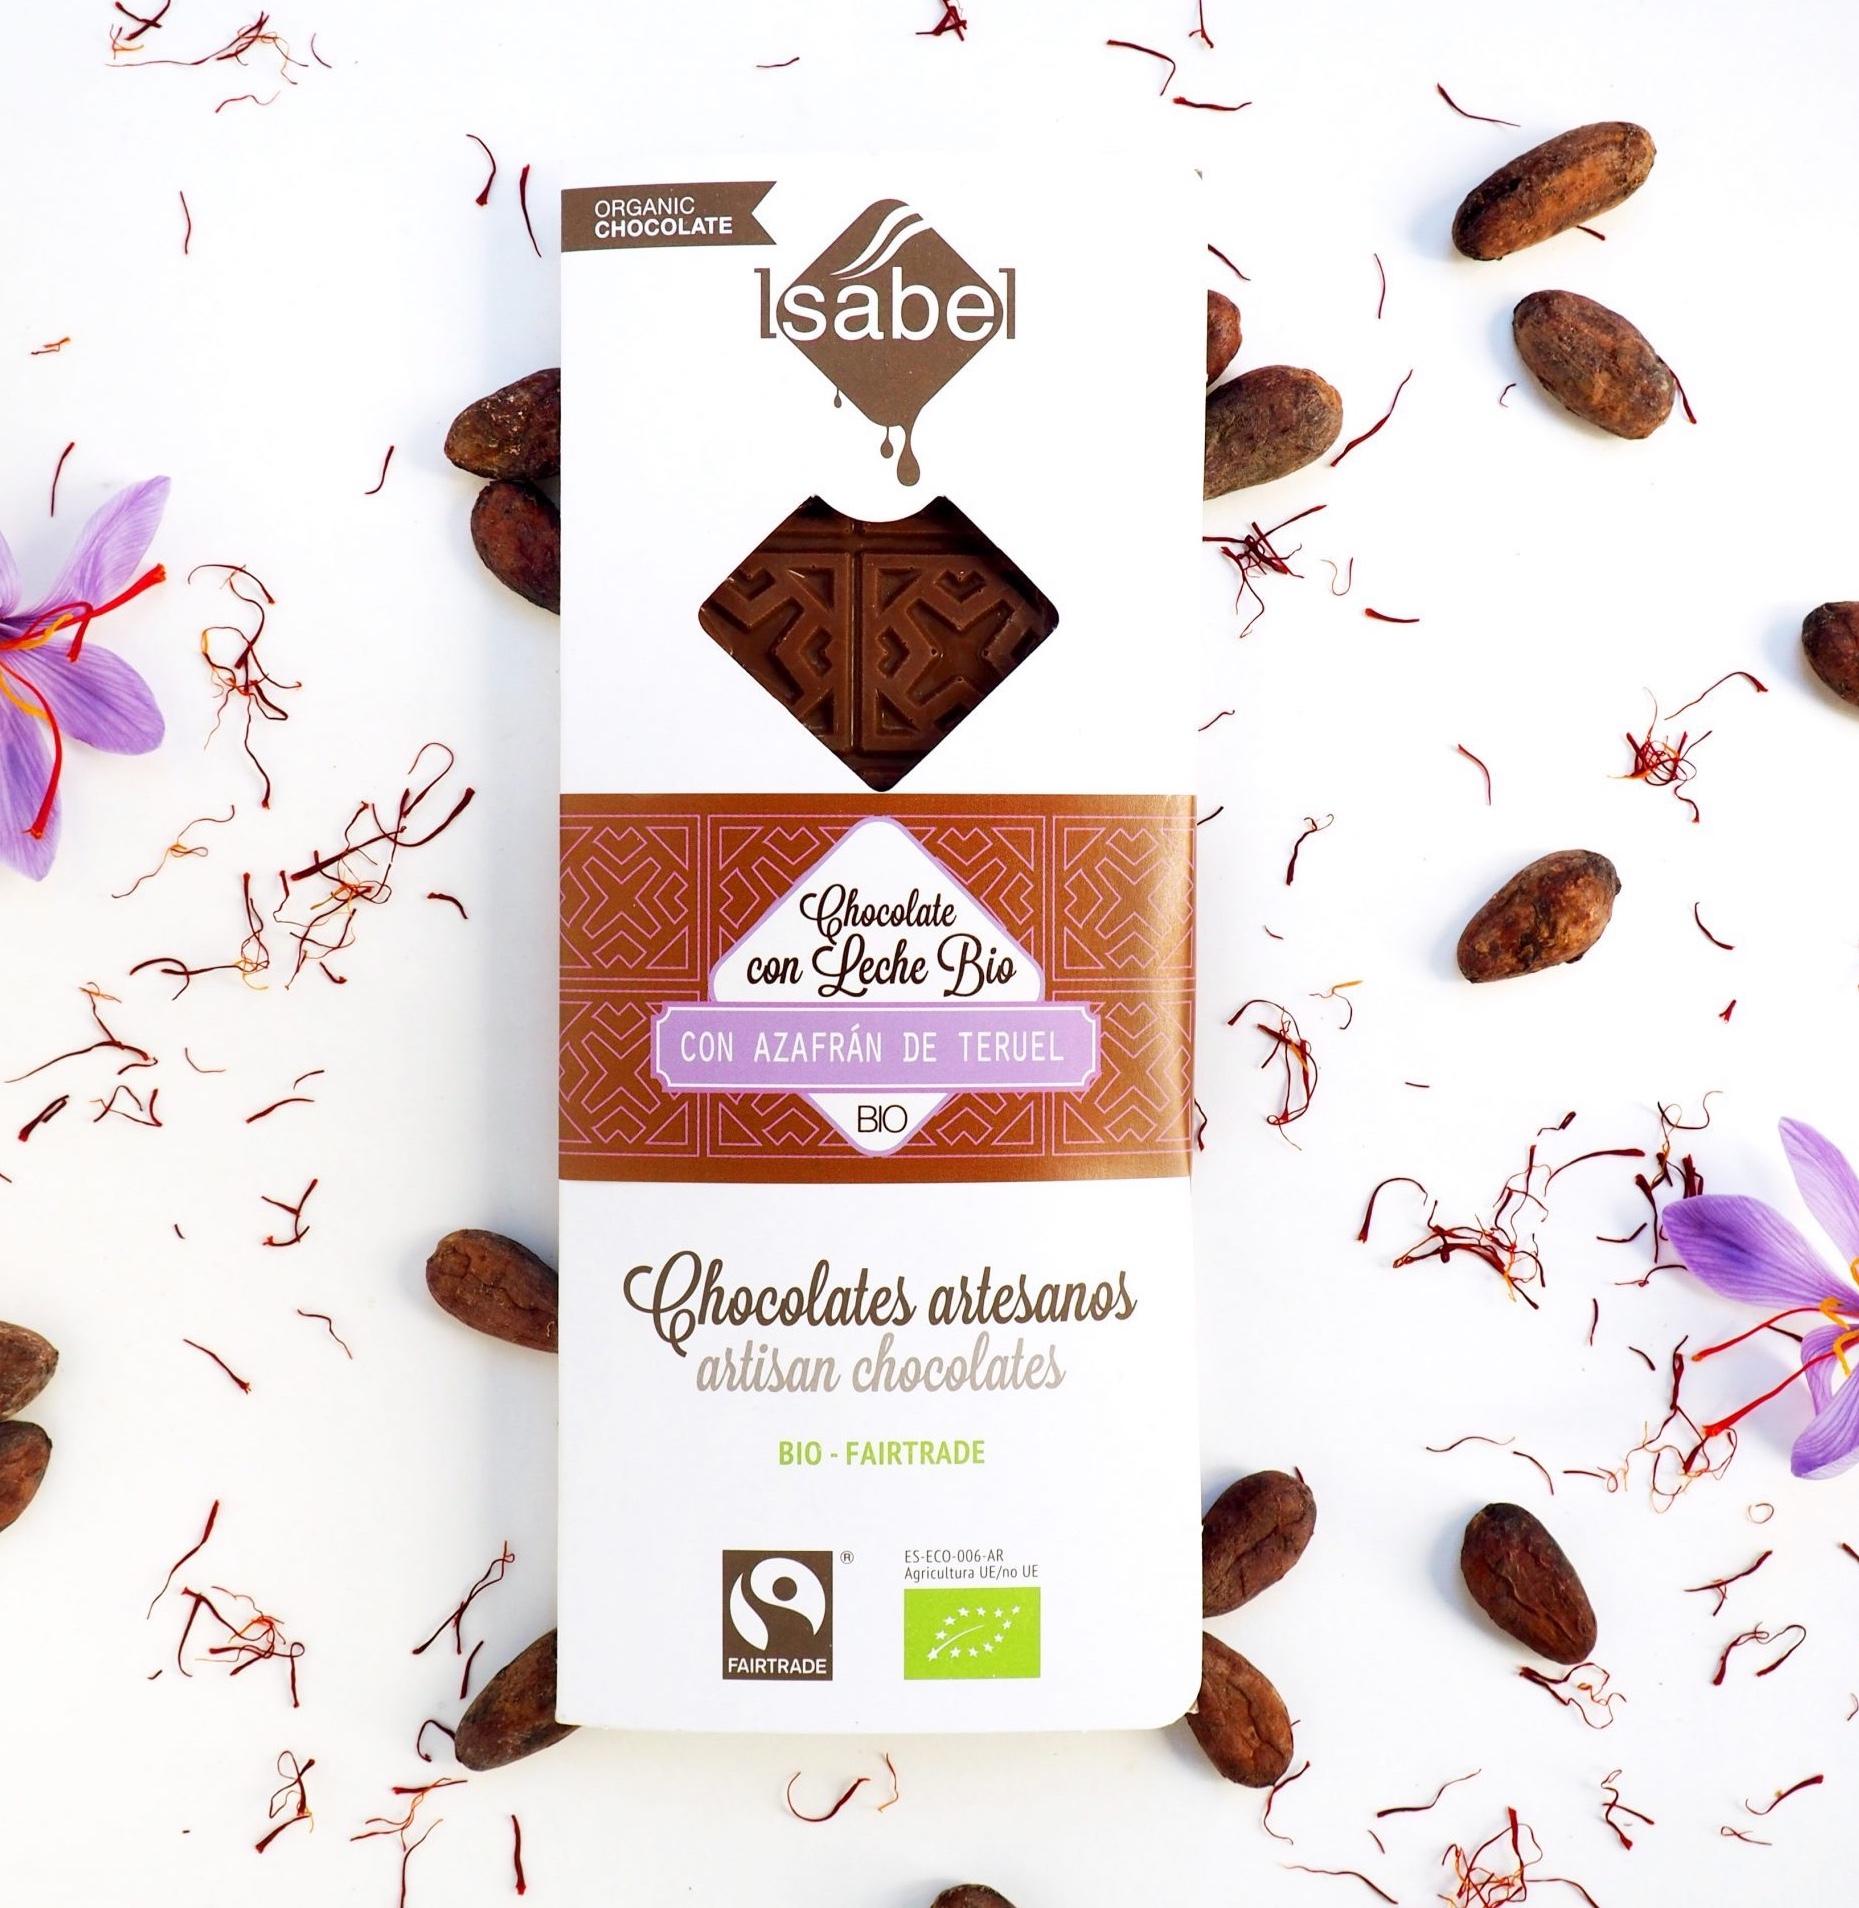 Tableta de Chocolates Artesanos Isabel con azafrán de Teruel